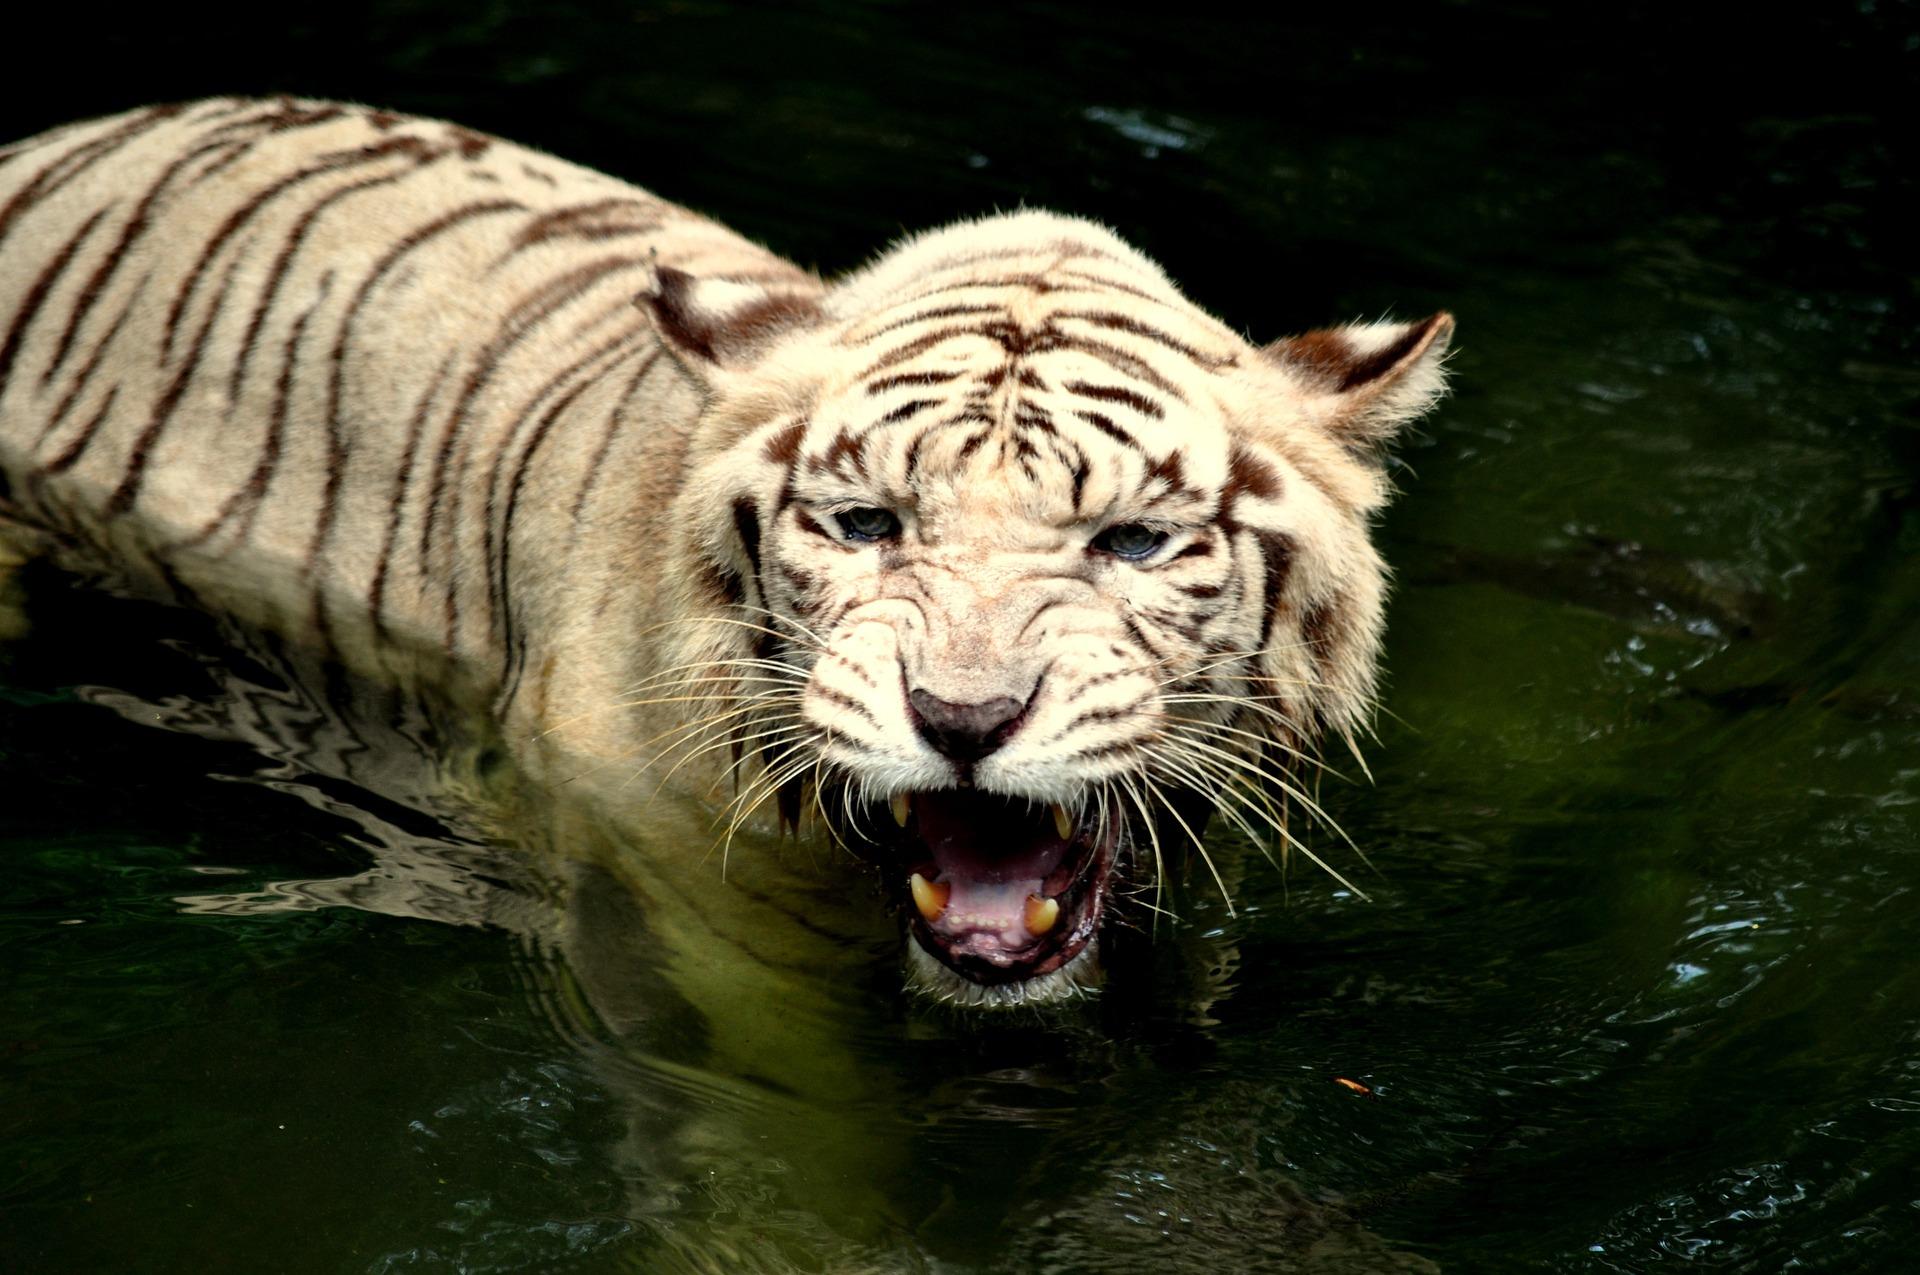 tiger-1198237_1920.jpg